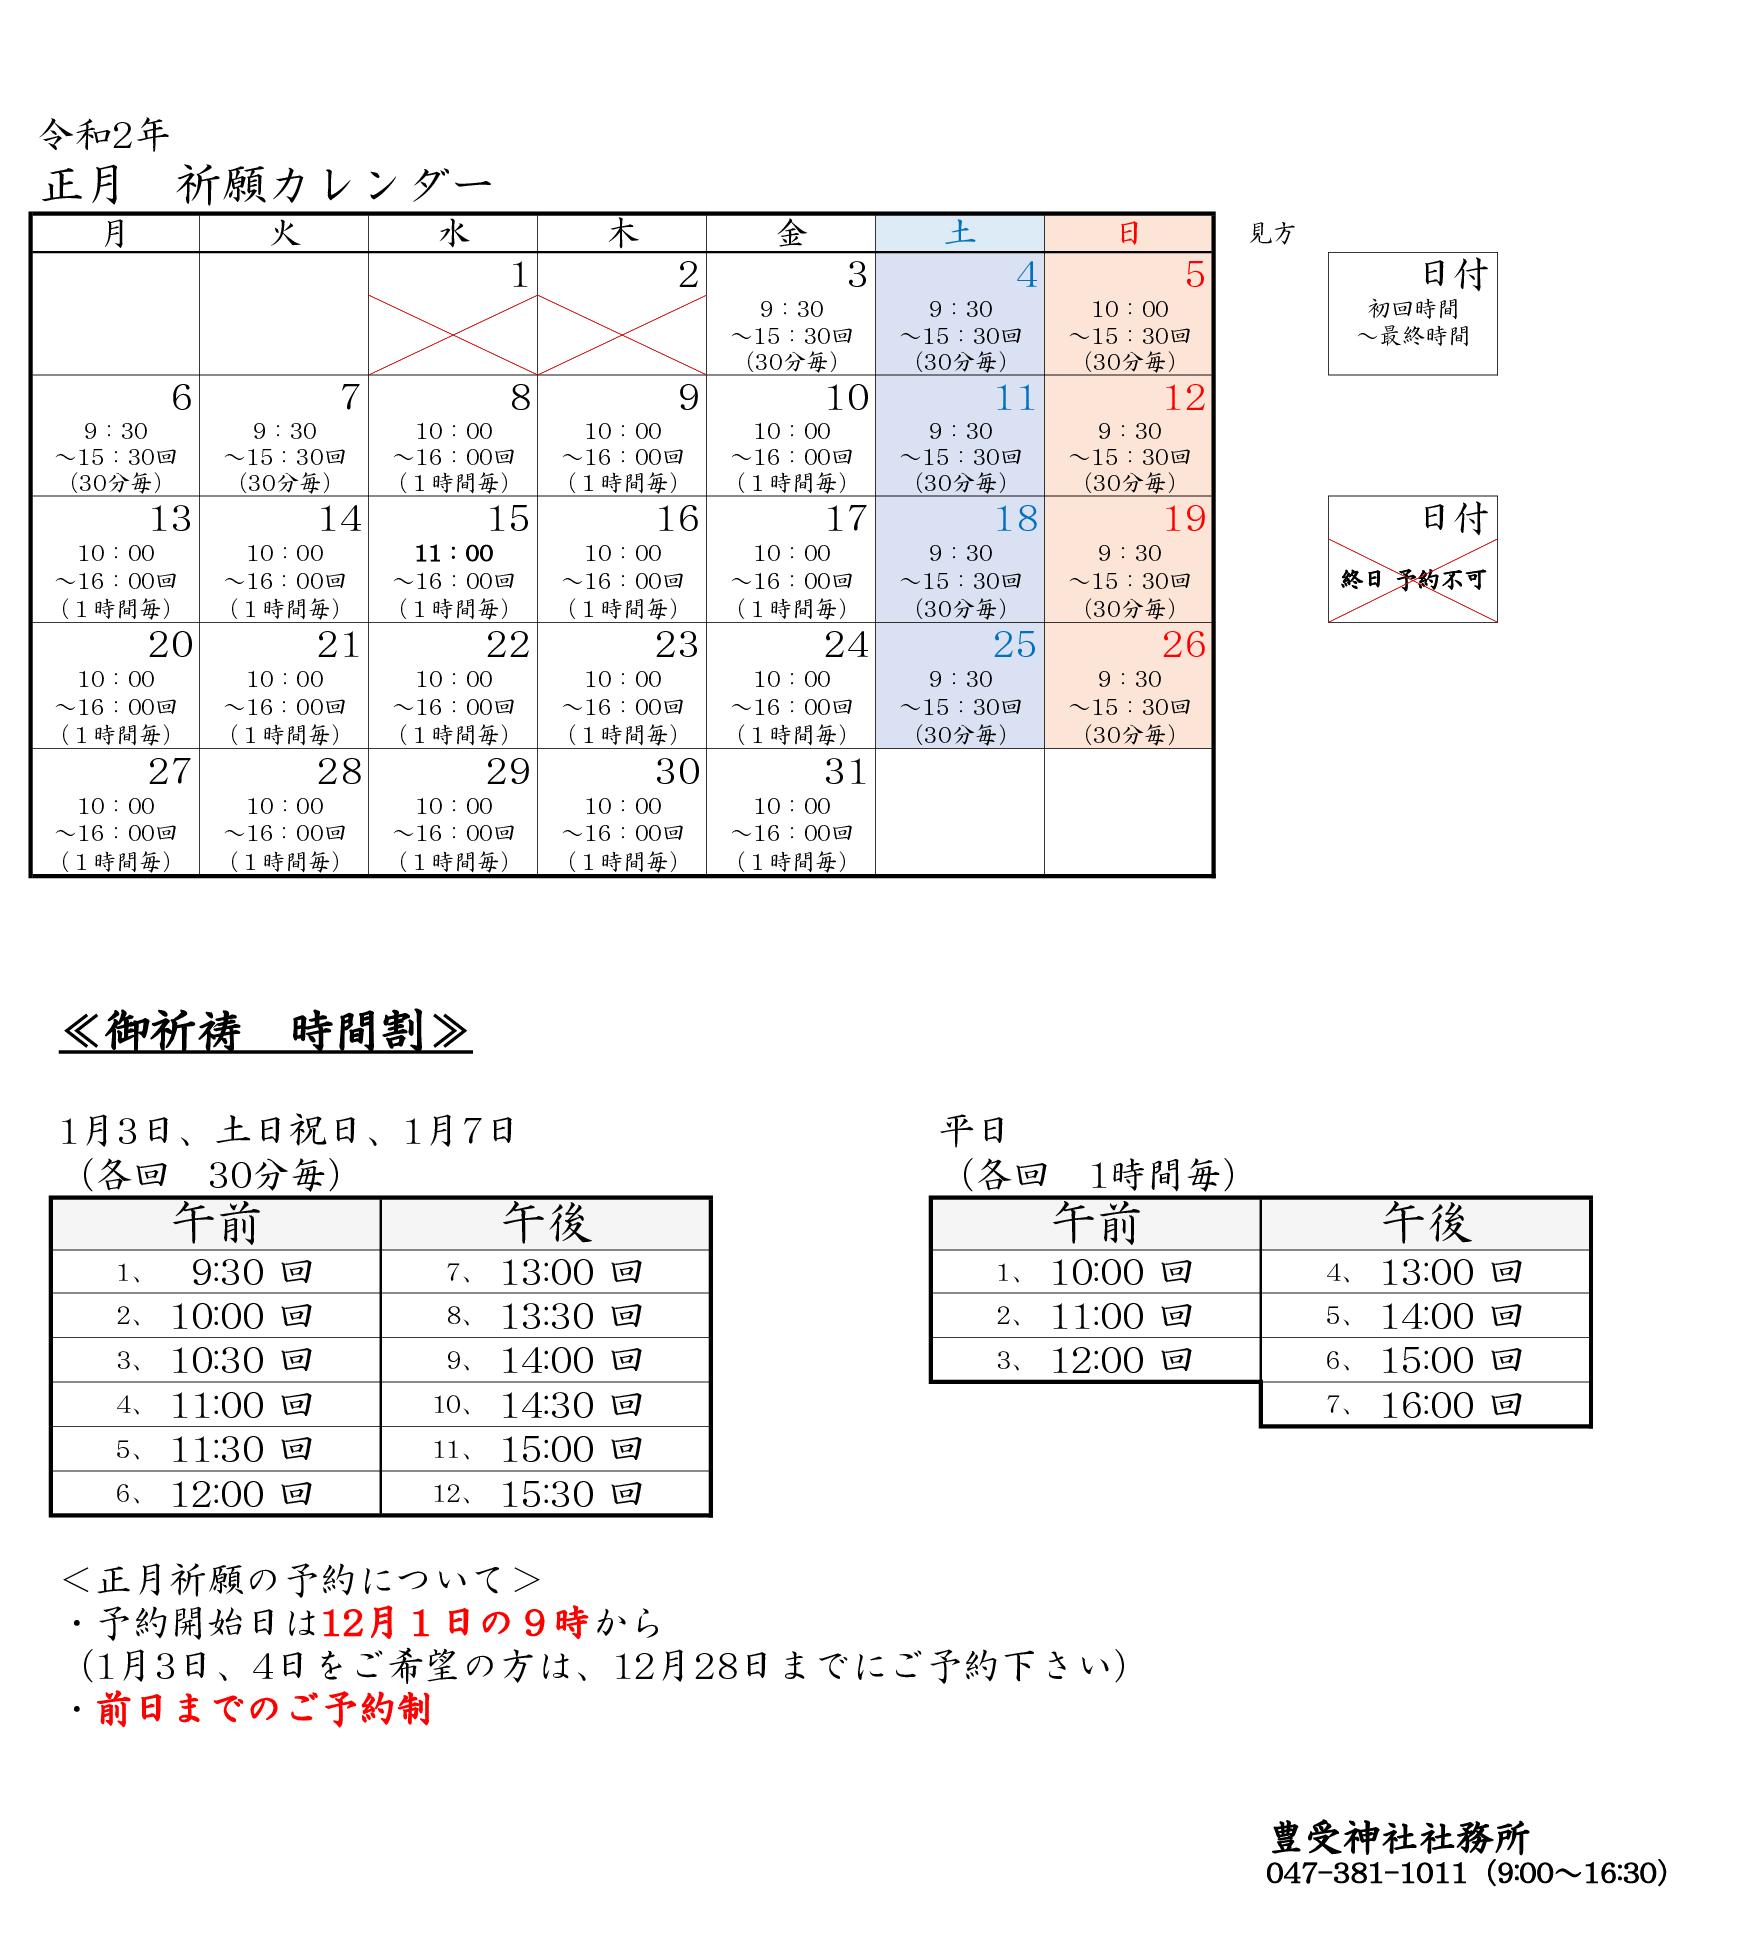 正月 予約カレンダー.png